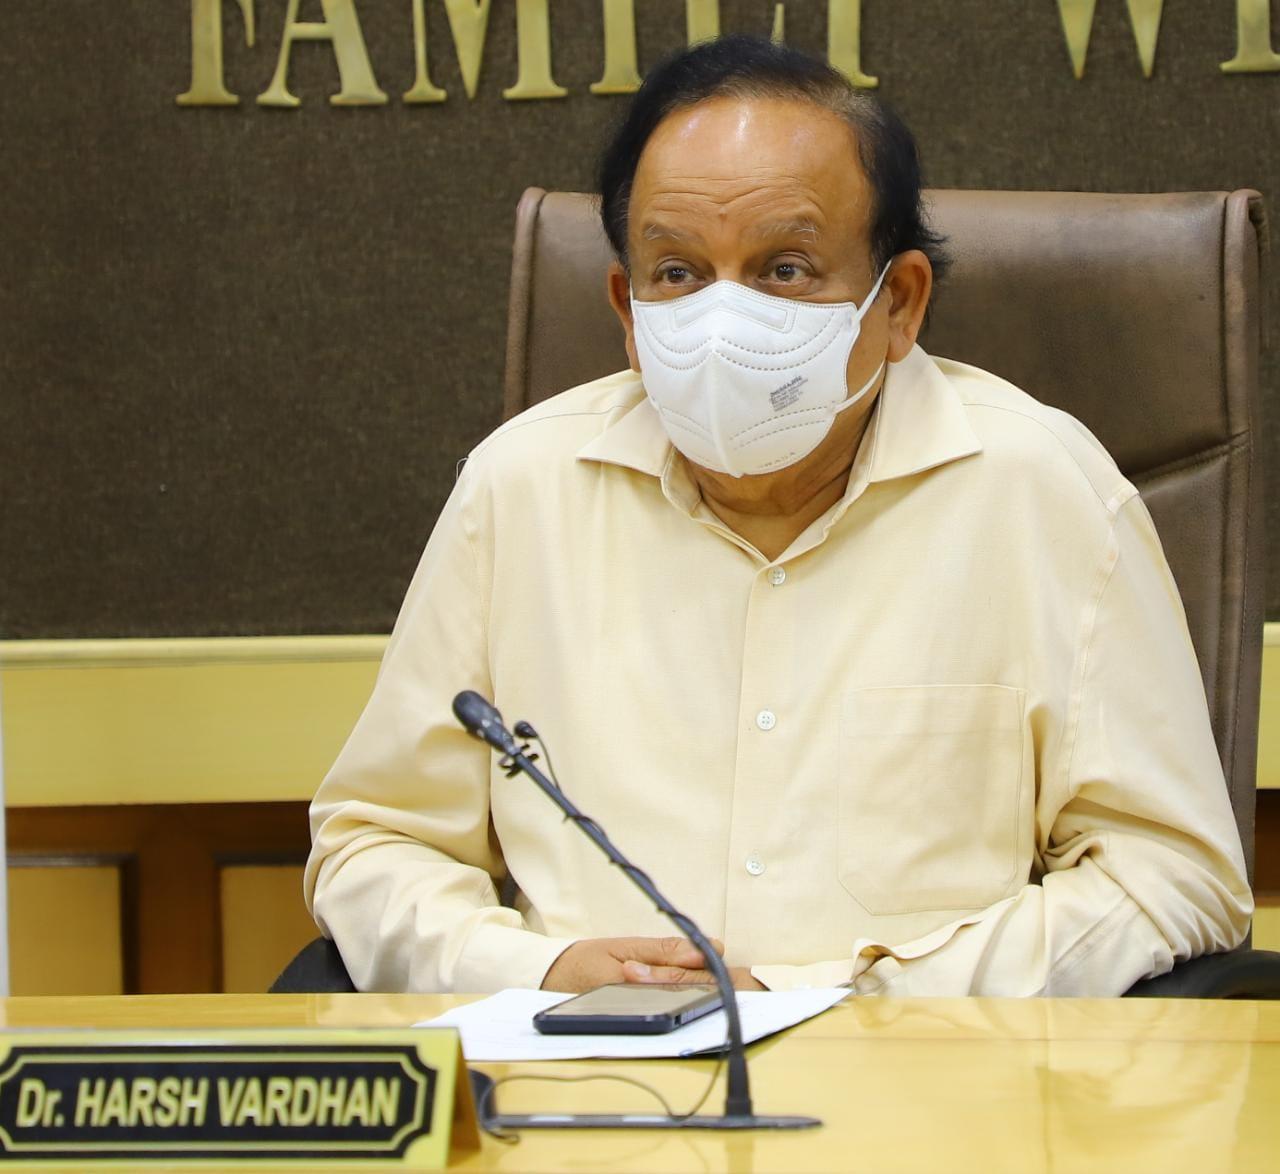 स्वास्थ्य मंत्री डॉक्टर हर्षवर्धन ने कहा, भारत को क्षय रोग से मुक्त करने का प्रधानमंत्री नरेन्द्र मोदी का लक्ष्य 2025 तक हासिल कर लिया जाएगा